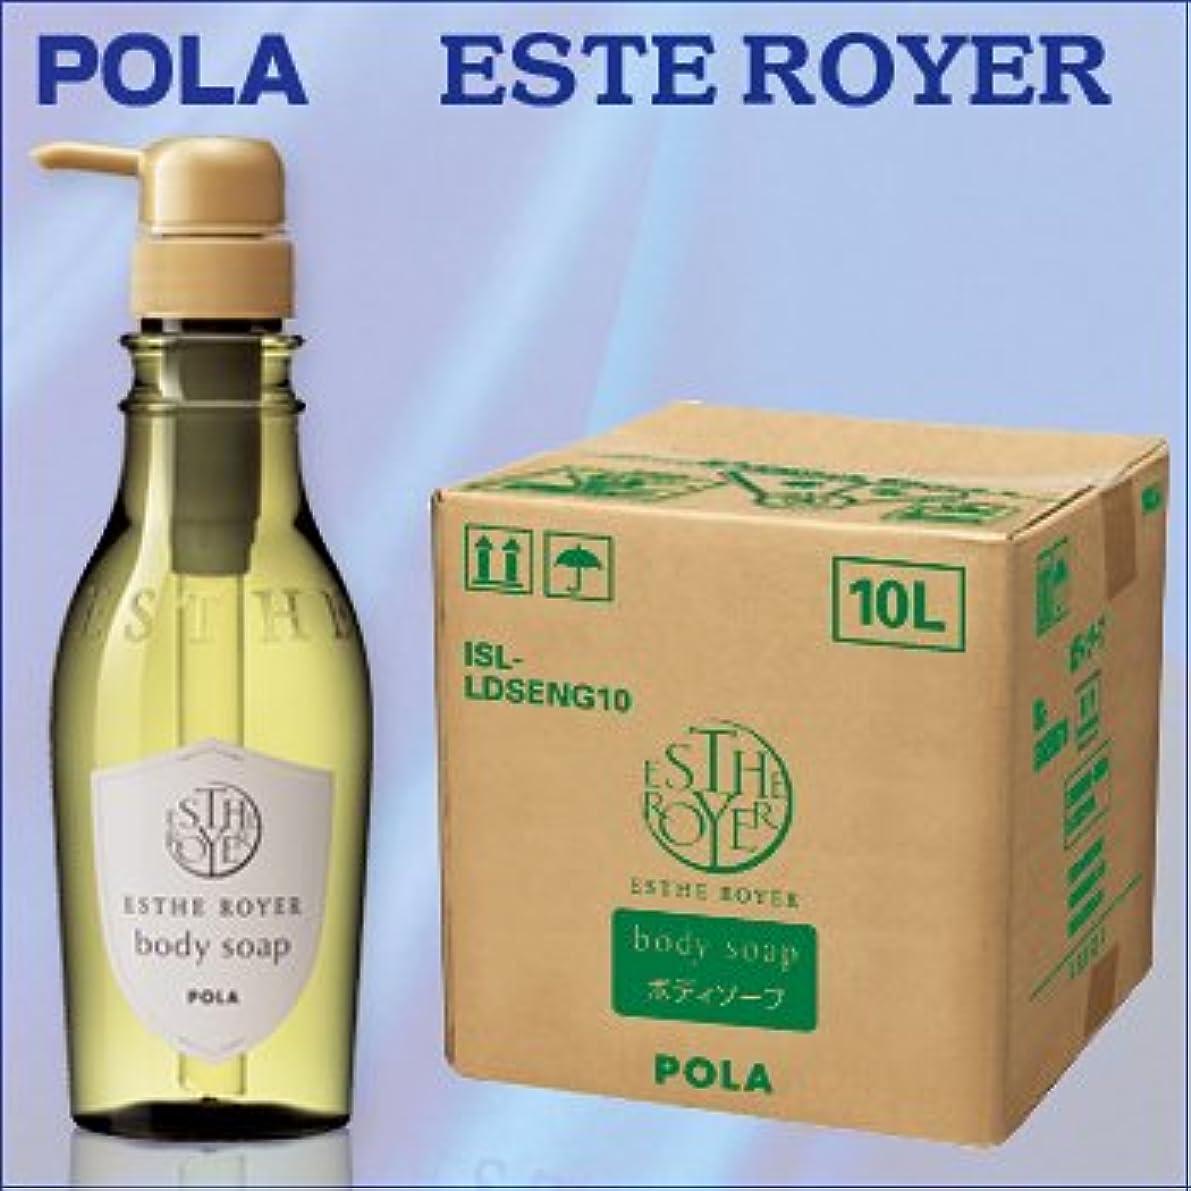 退却給料温帯POLA エステロワイエ 業務用ボディソープ 10L (1セット10L入)